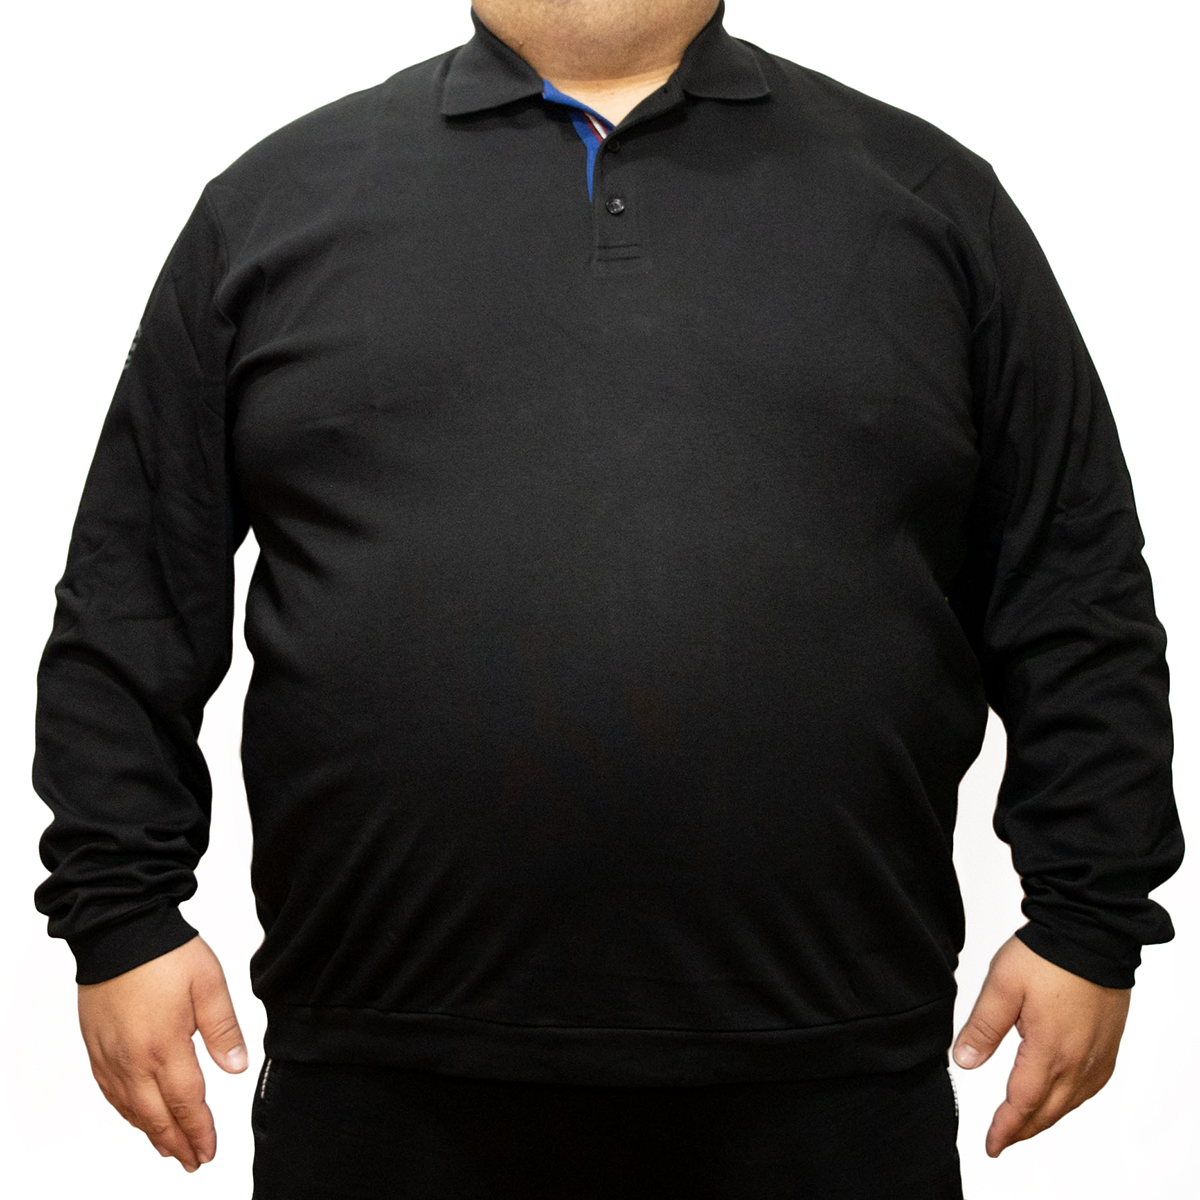 Bluza subtire neagra cu guler , Marime 7XL - egato.ro